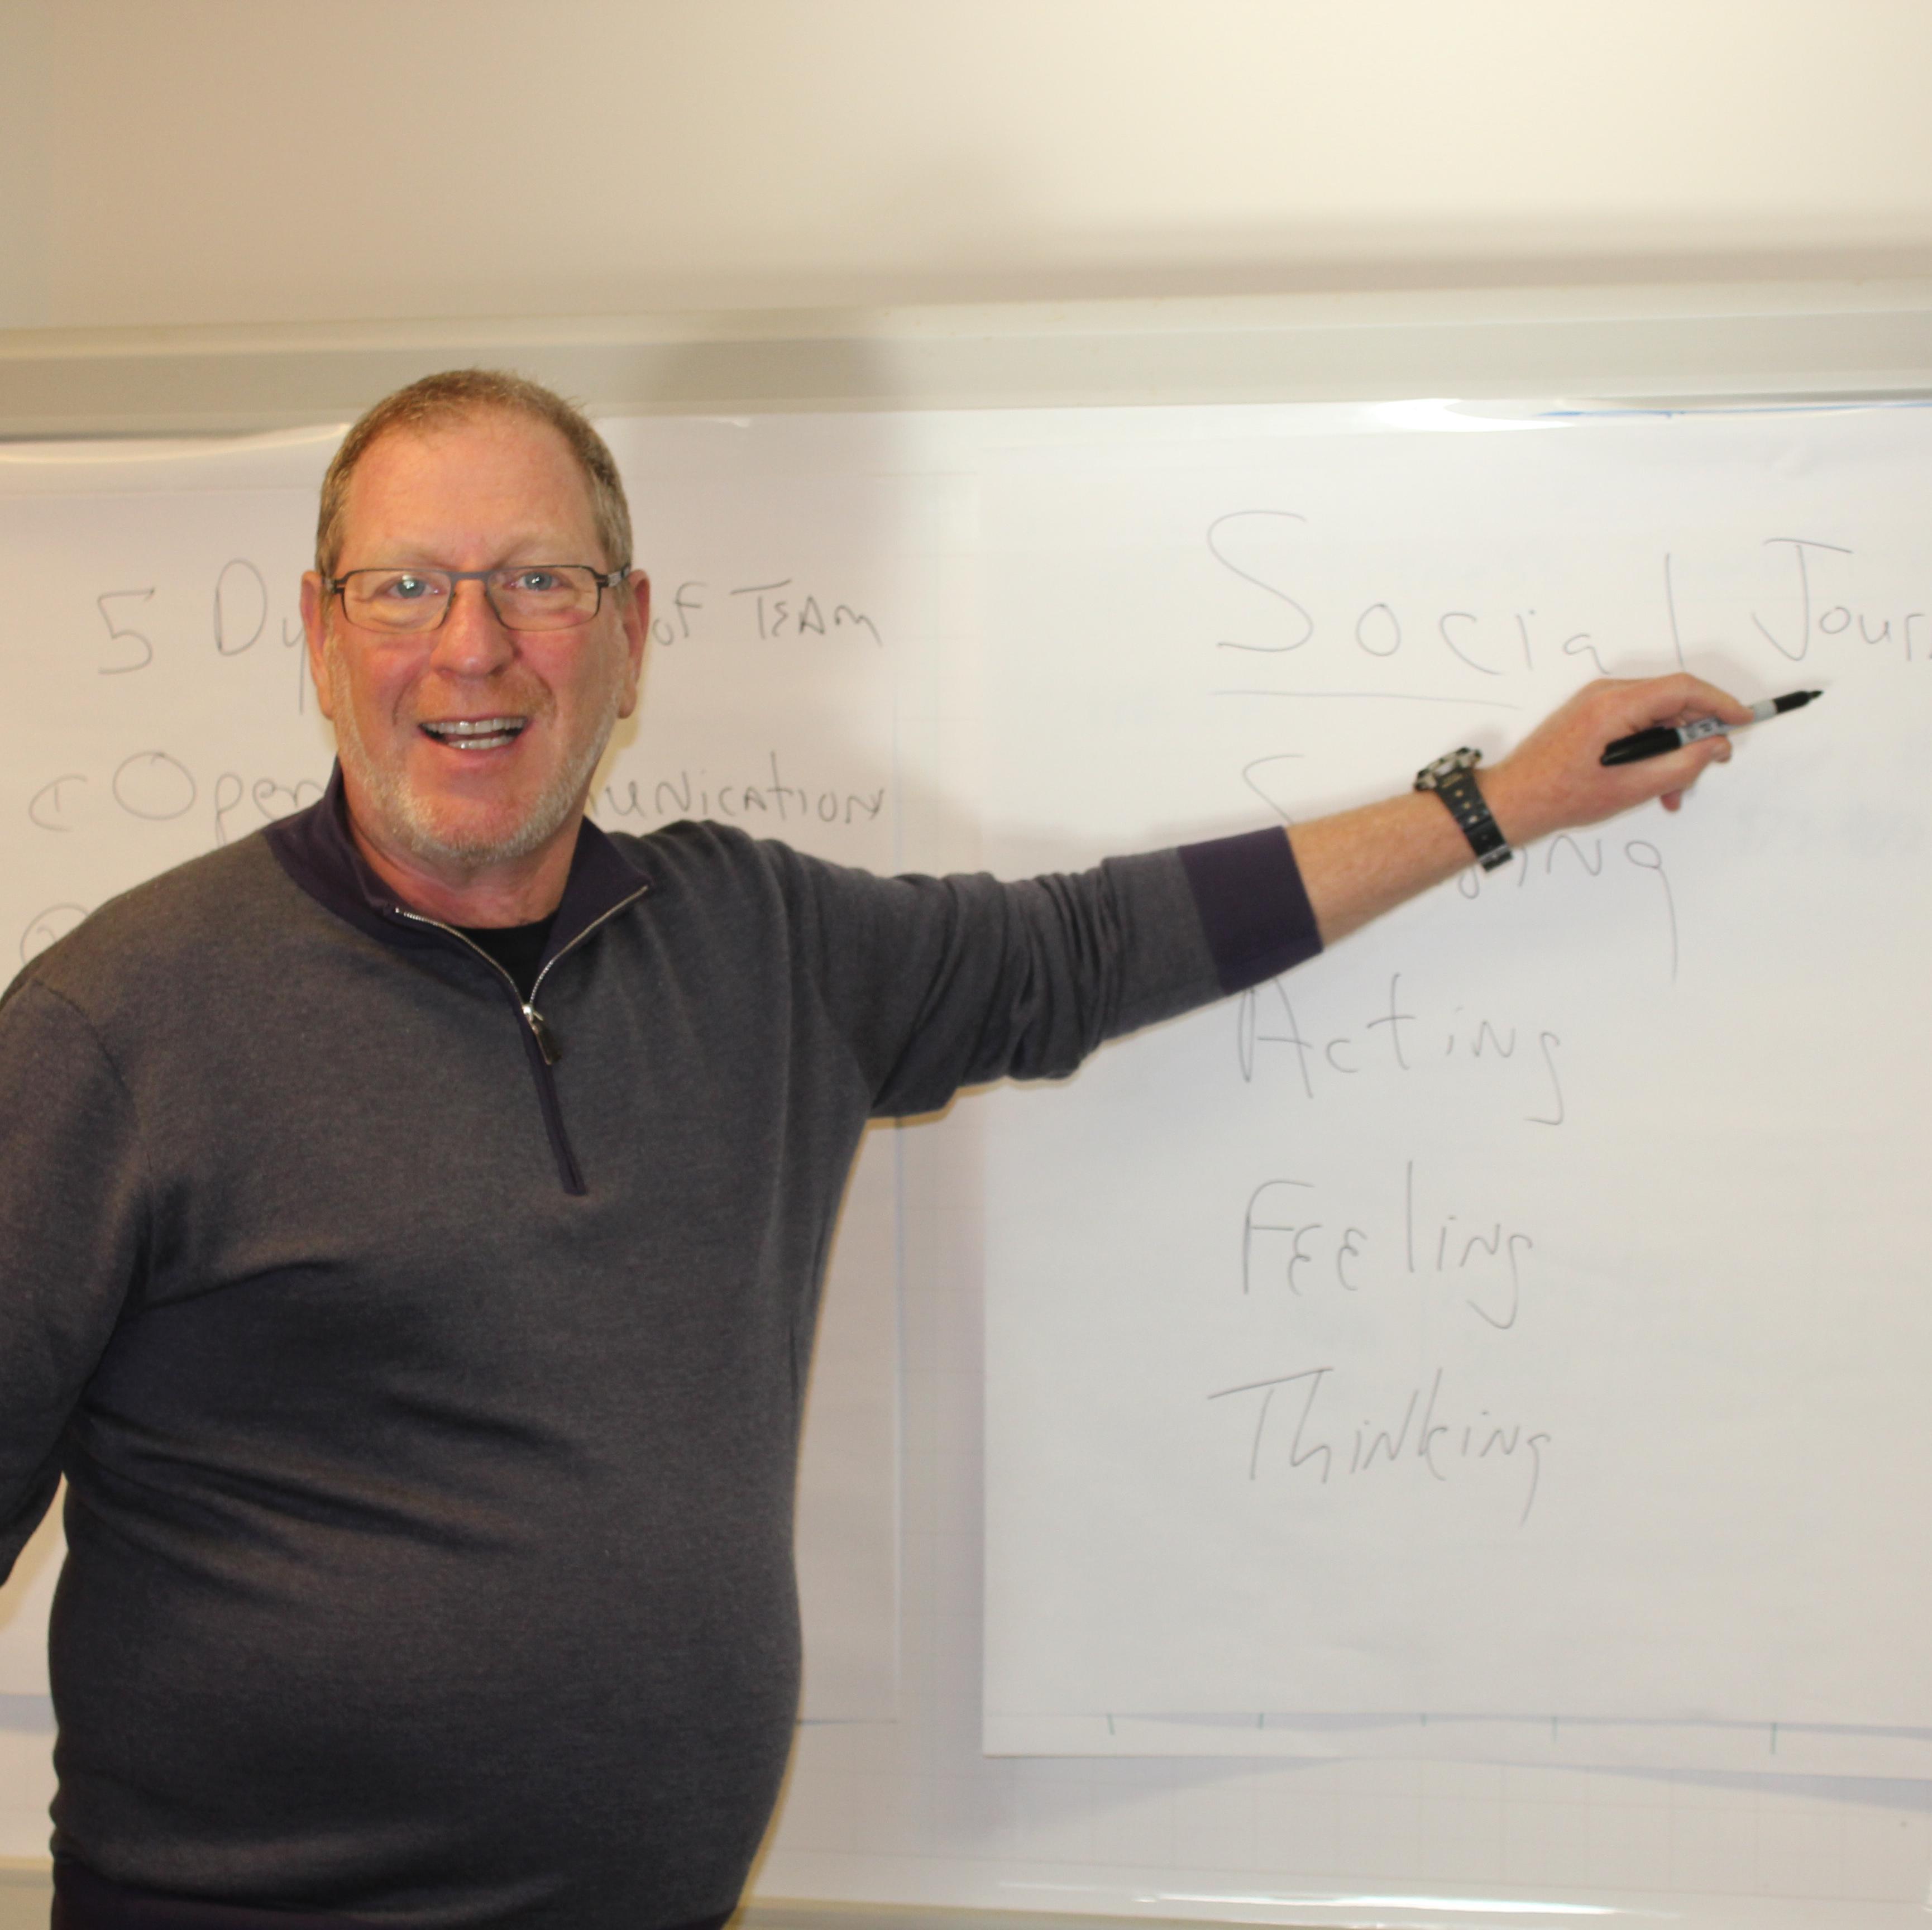 Herb Tannenbaum Ph.D